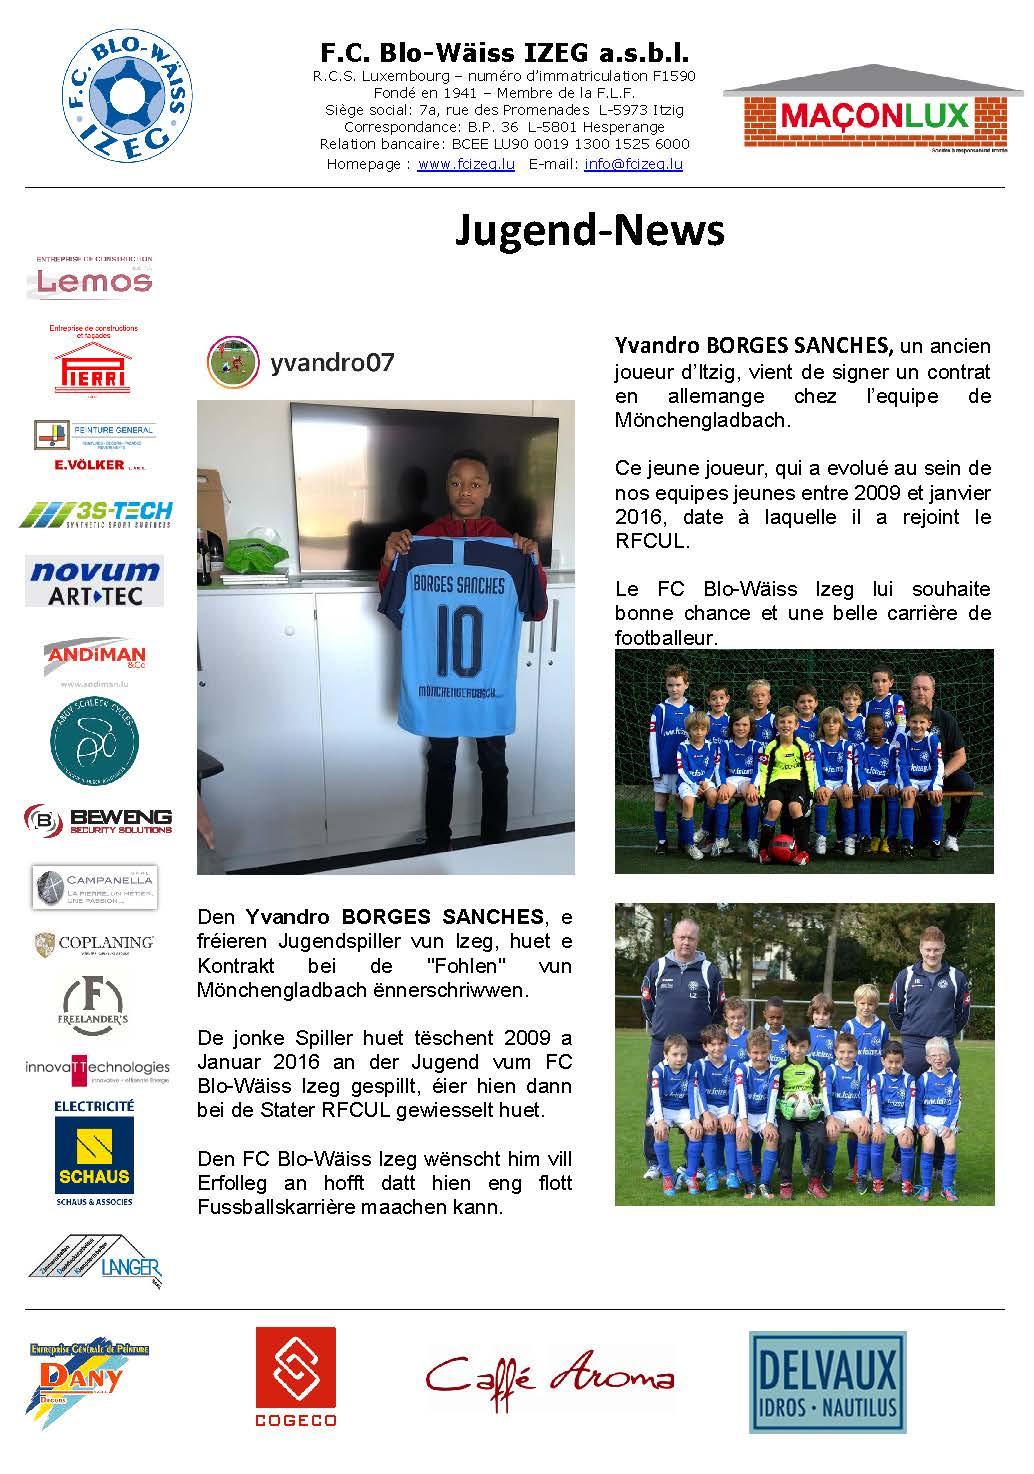 Transfert bei d'Fohlen op Mönchengladbach